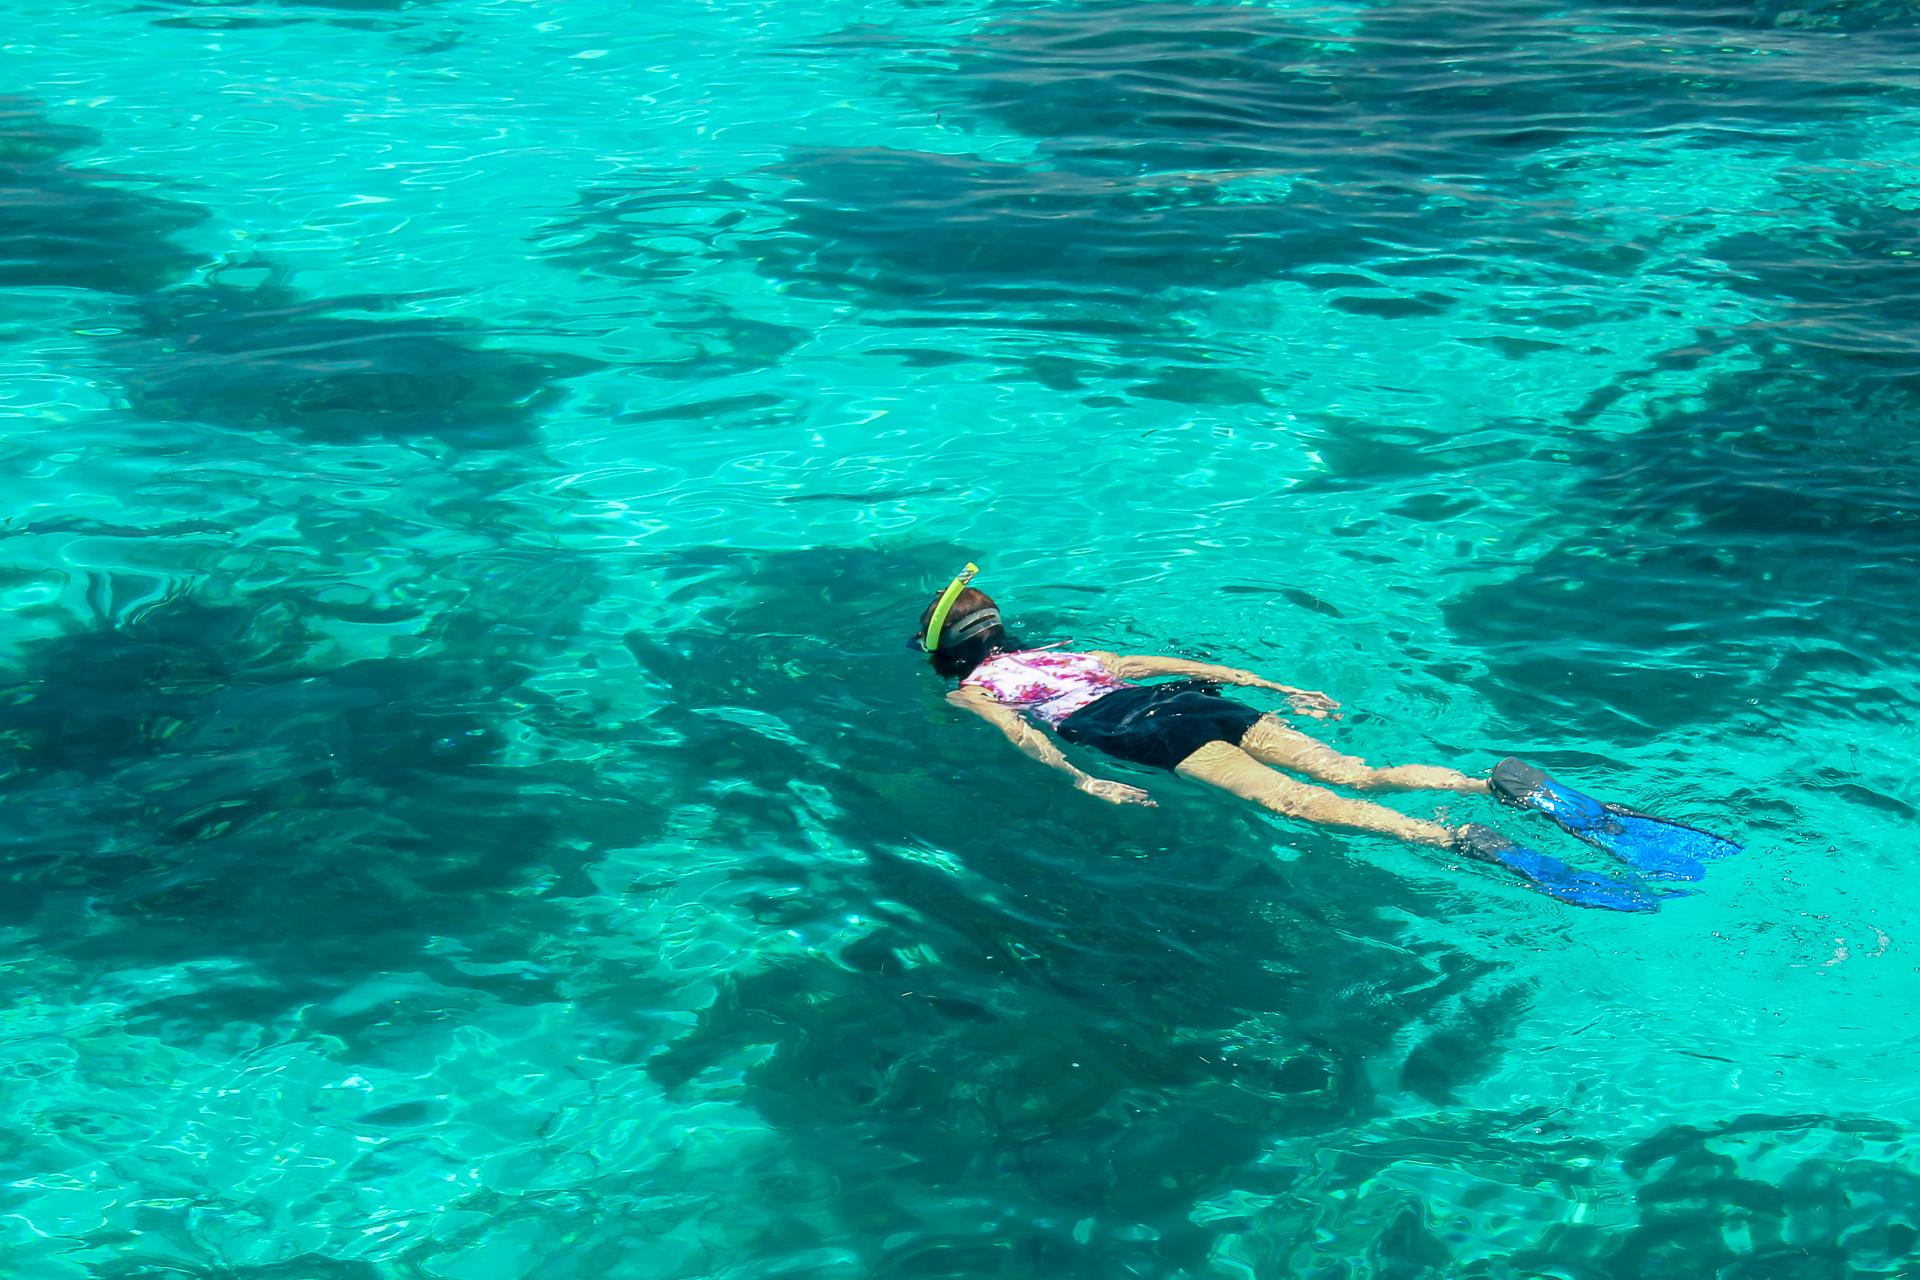 Snorkeling at Hol Chan